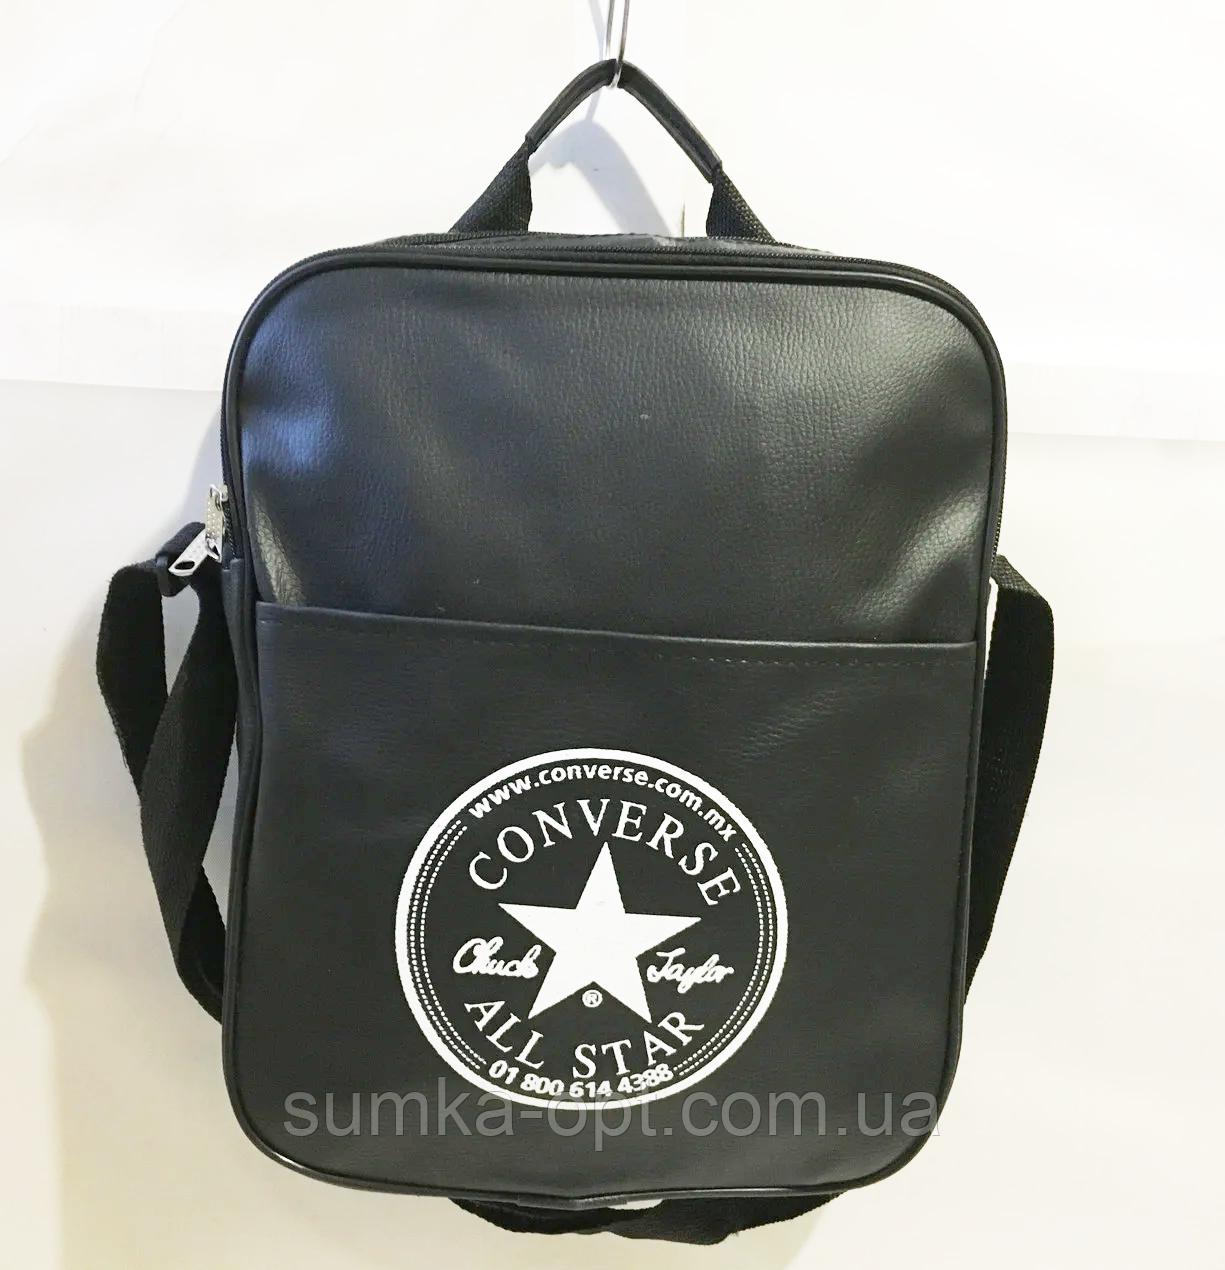 Спортивные сумки планшеты Converse искусств.кожа (ЧЕРНЫЙ)26*33см